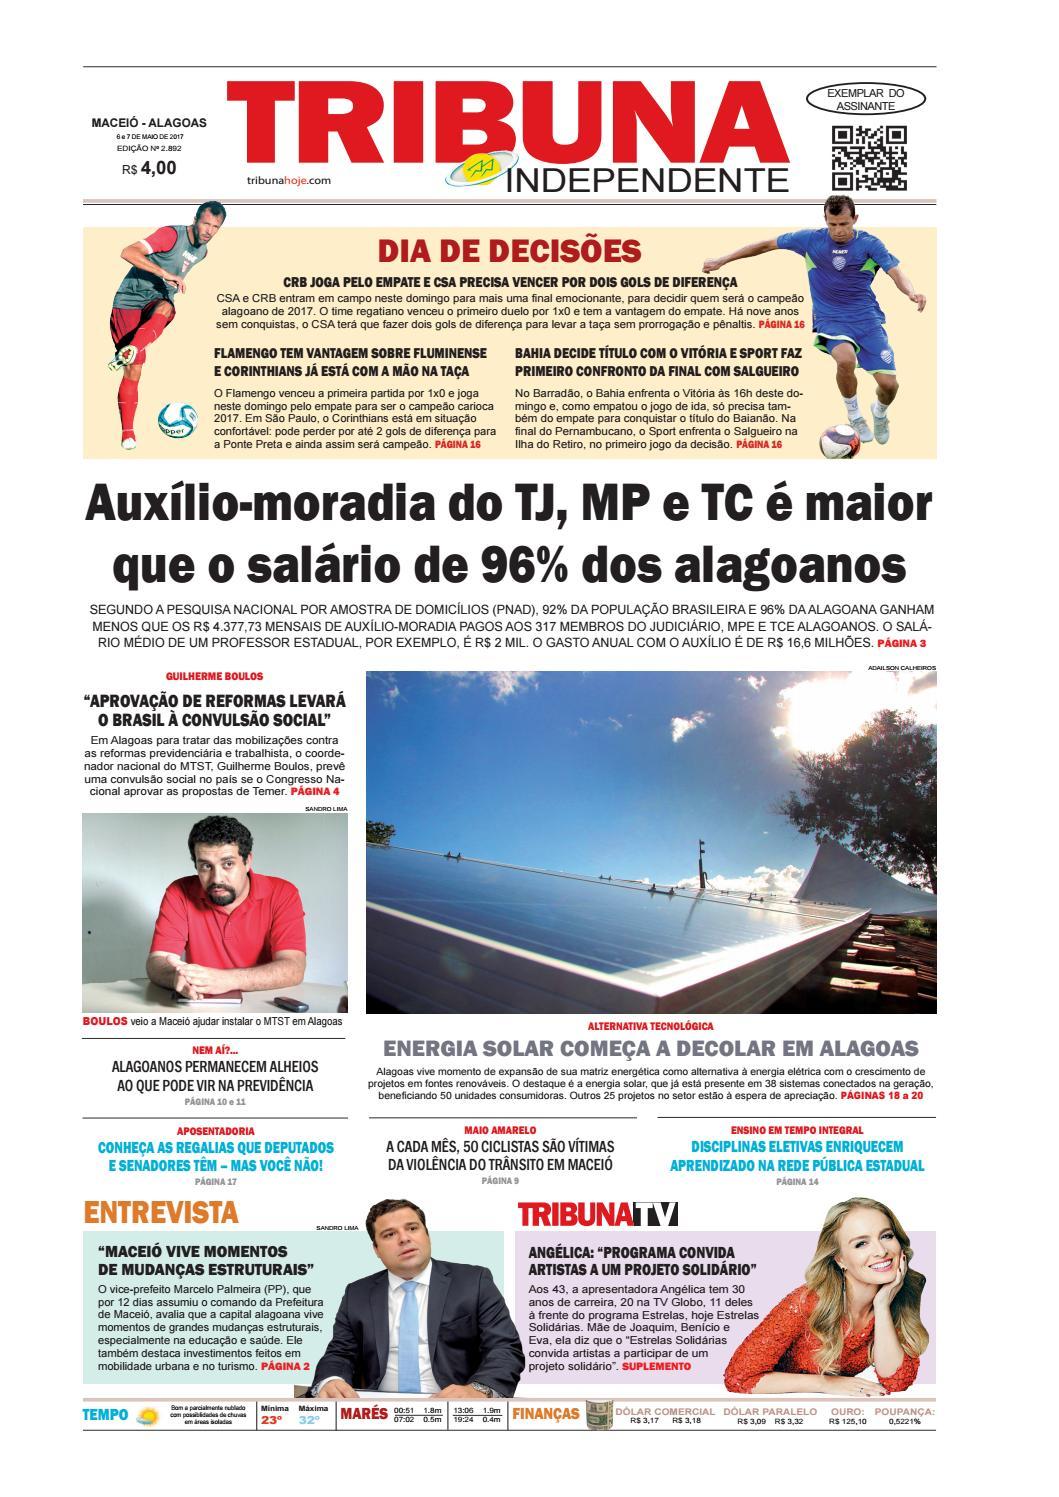 b82d0b5dc1f Edição número 2892 - 6 e 7 de maio de 2017 by Tribuna Hoje - issuu